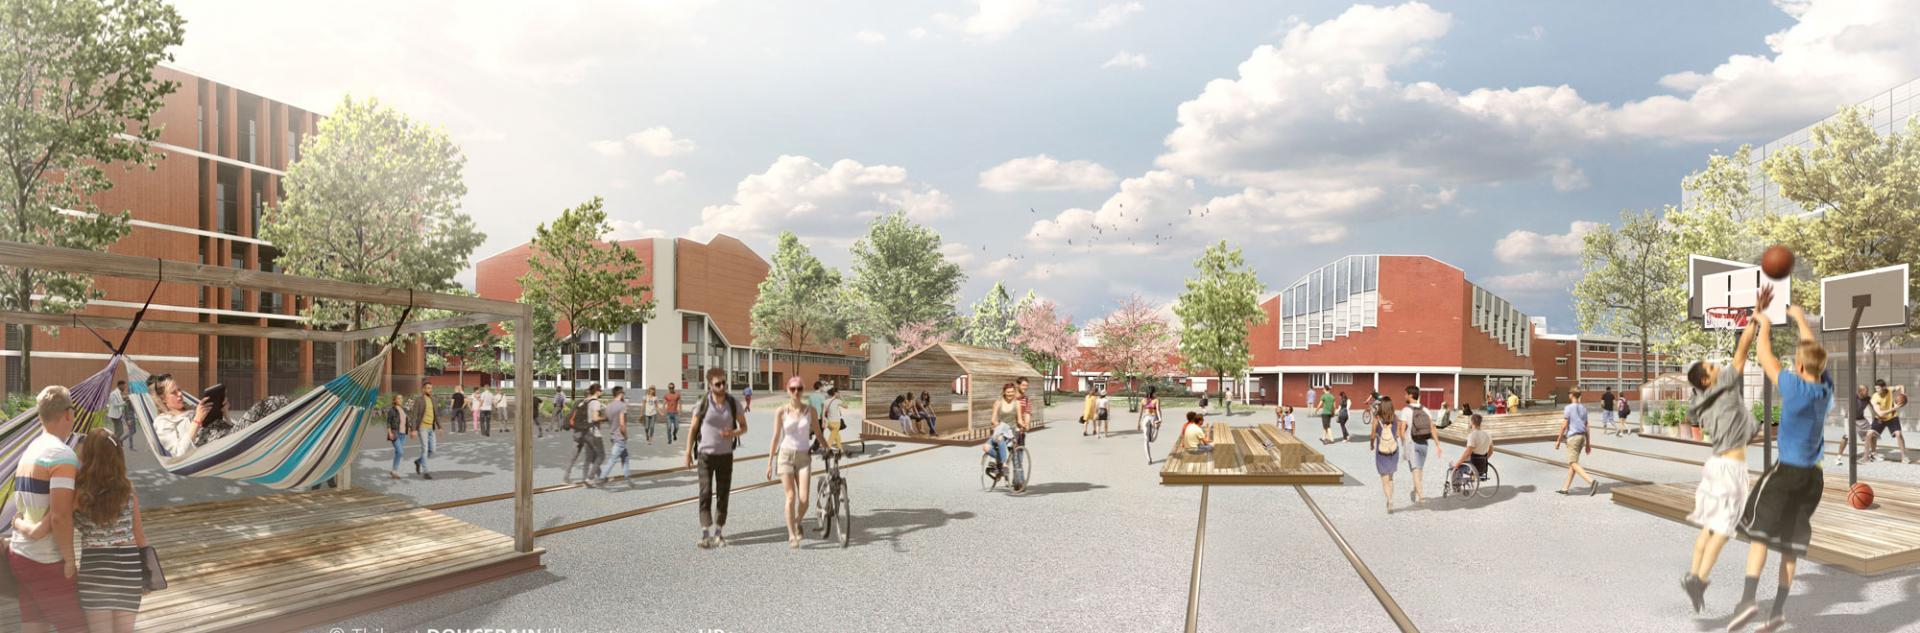 Projet d'aménagement du Site Lebon Université